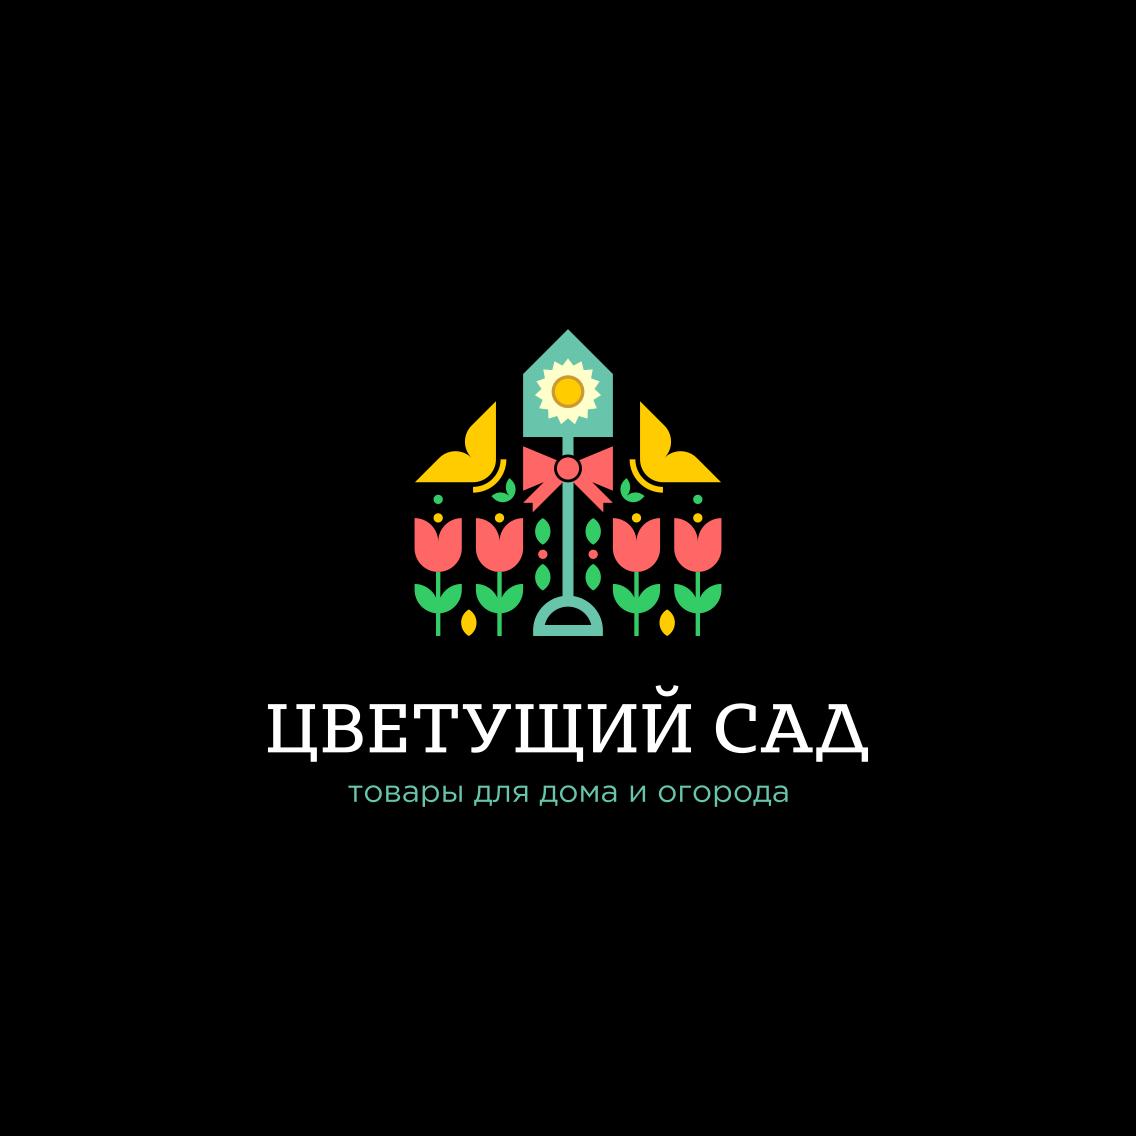 """Логотип для компании """"Цветущий сад"""" фото f_8245b72bfc03221d.jpg"""